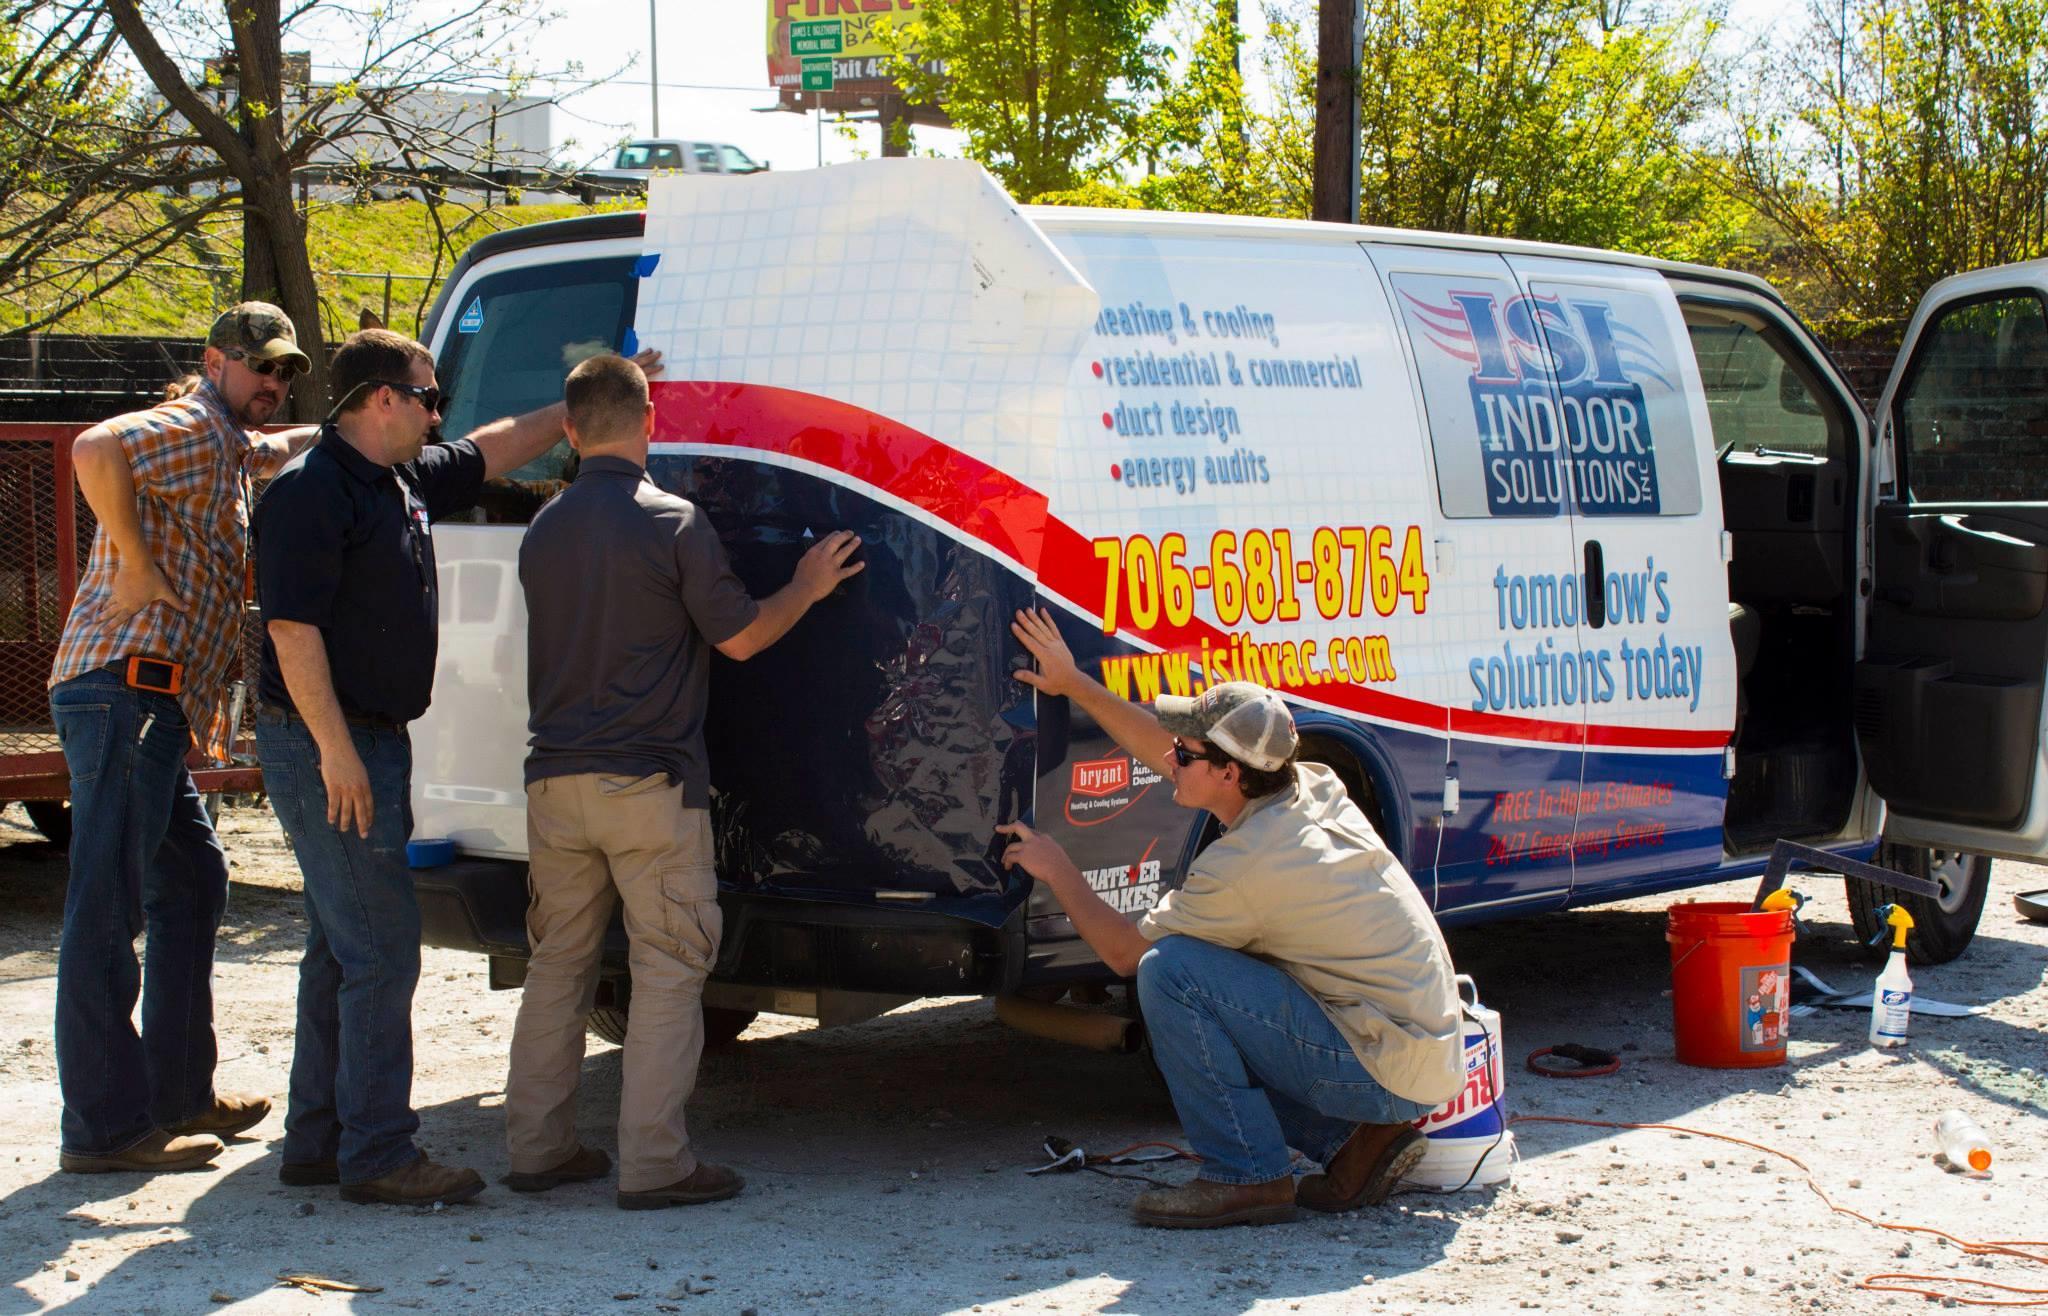 Indoor Solutions, Inc. image 3